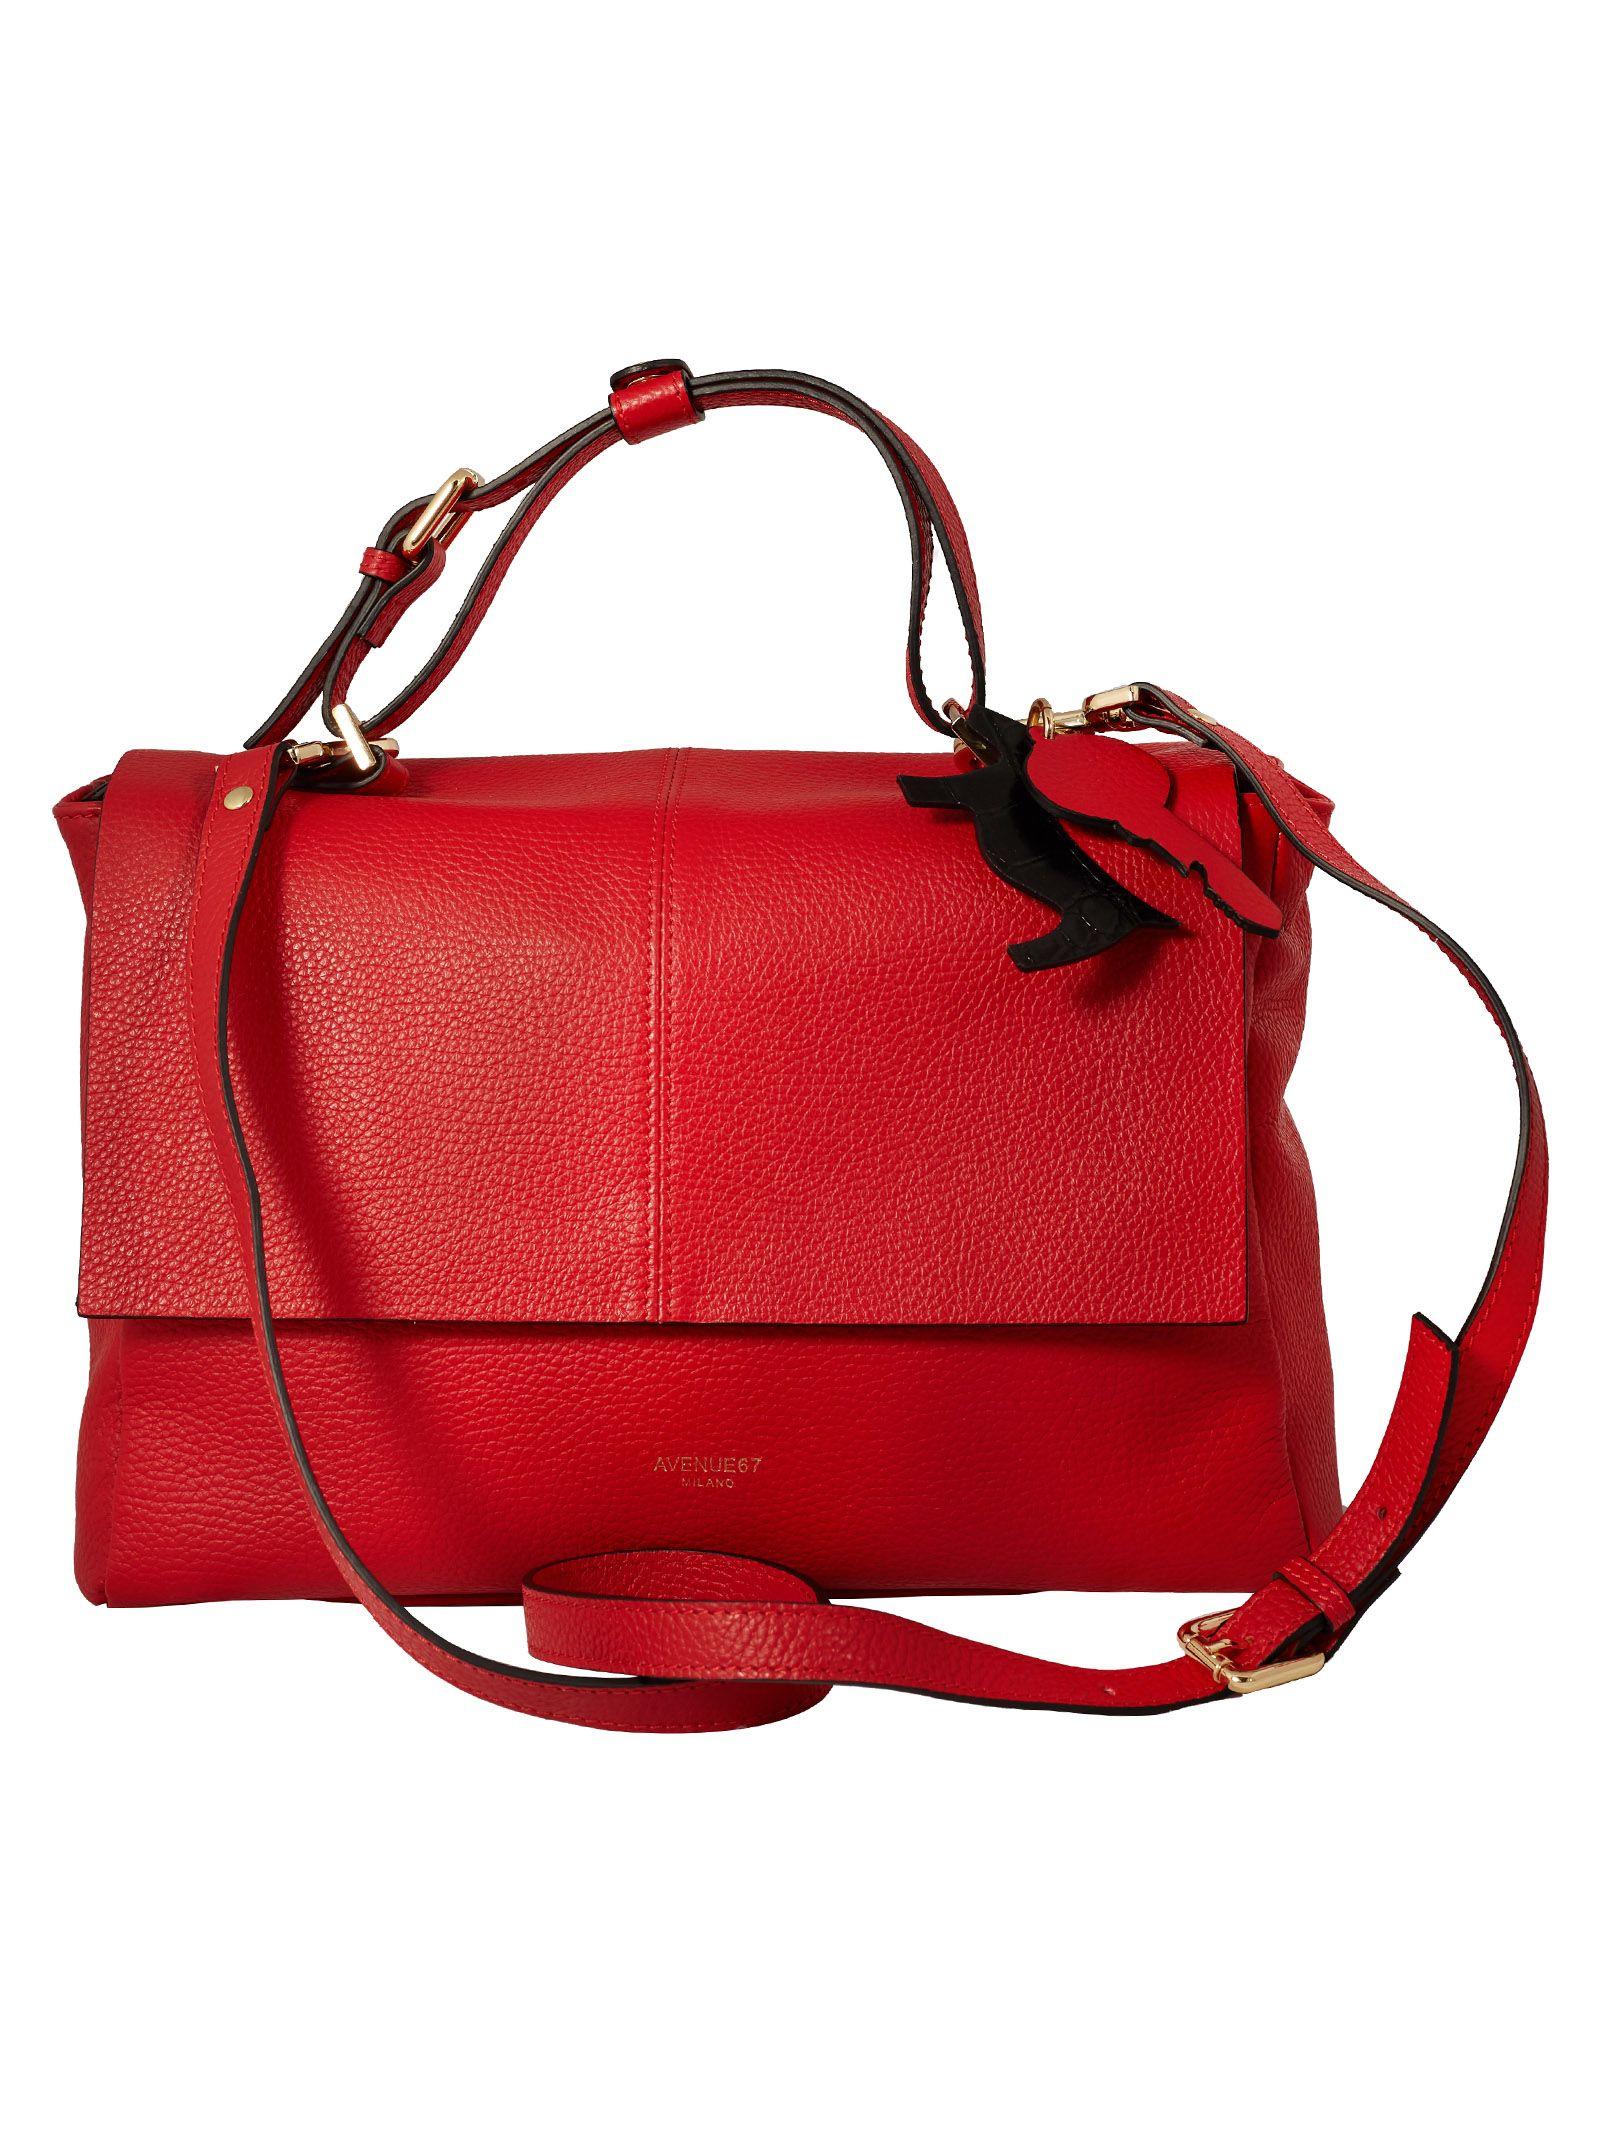 Avenue 67 Electra Shoulder Bag